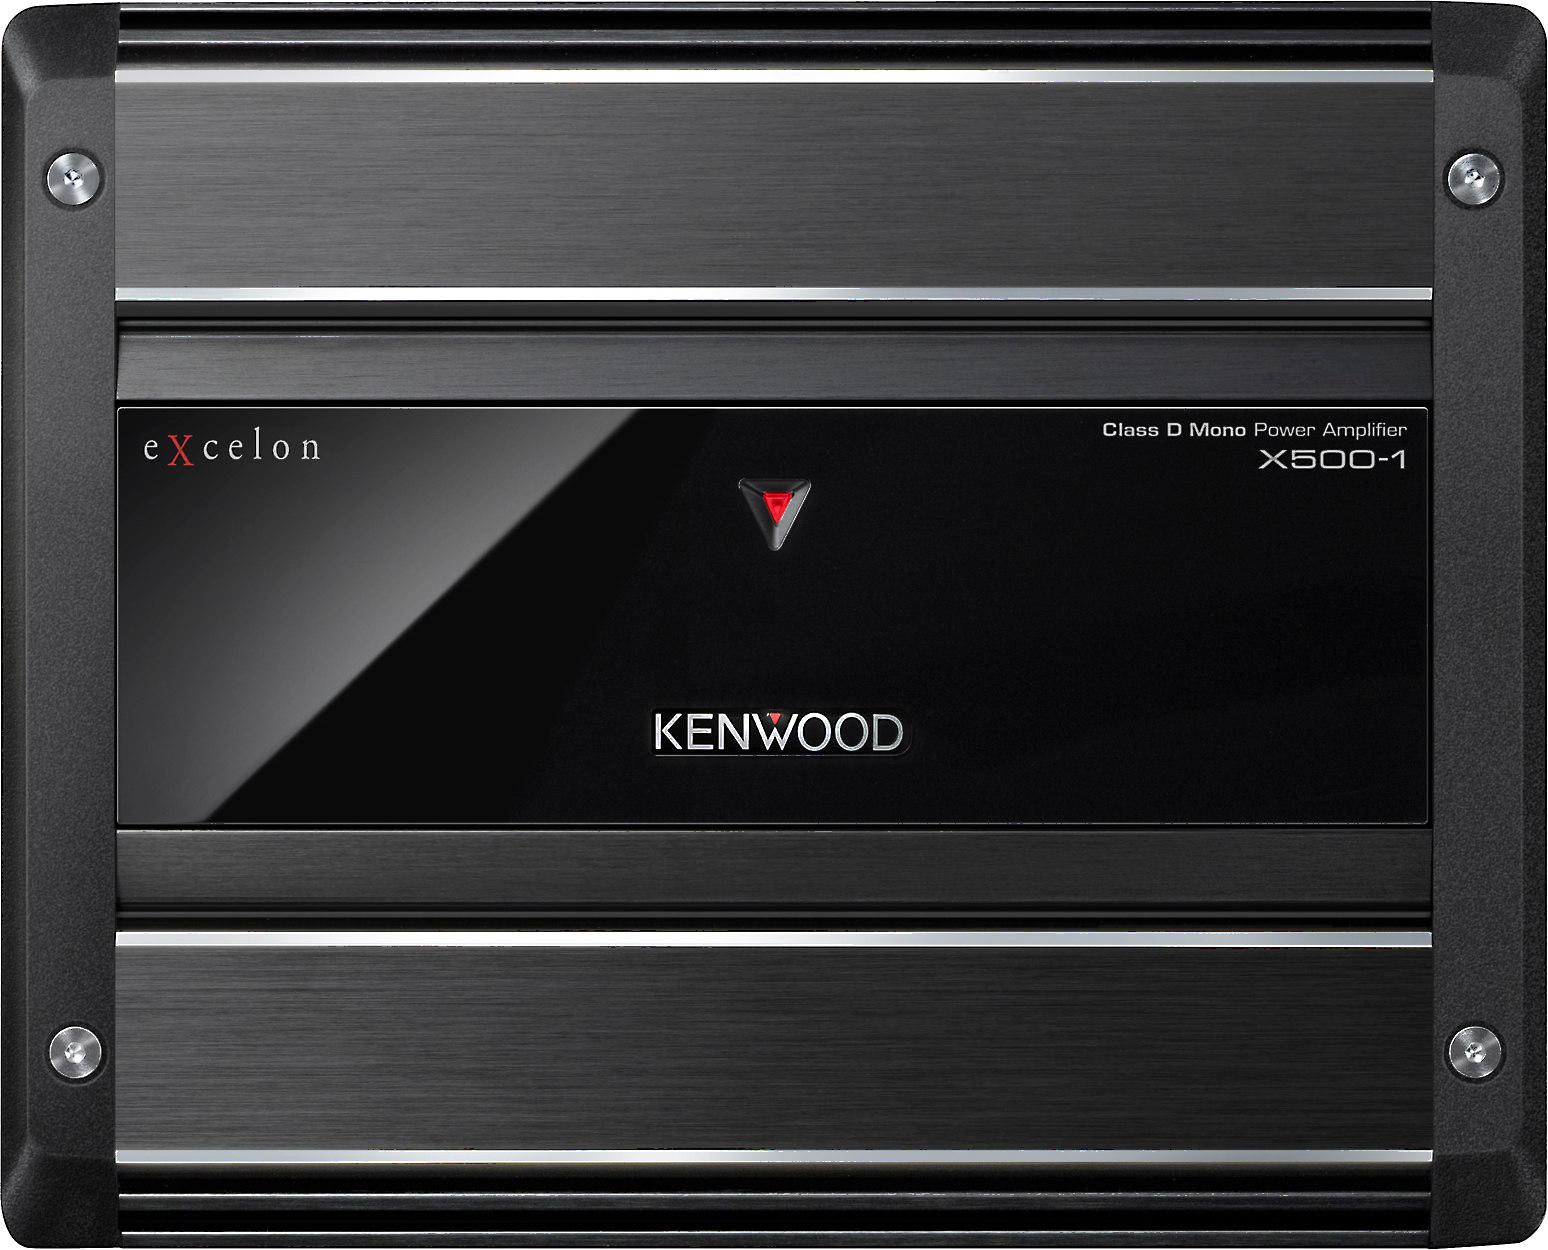 Kenwood Excelon X500-1 on